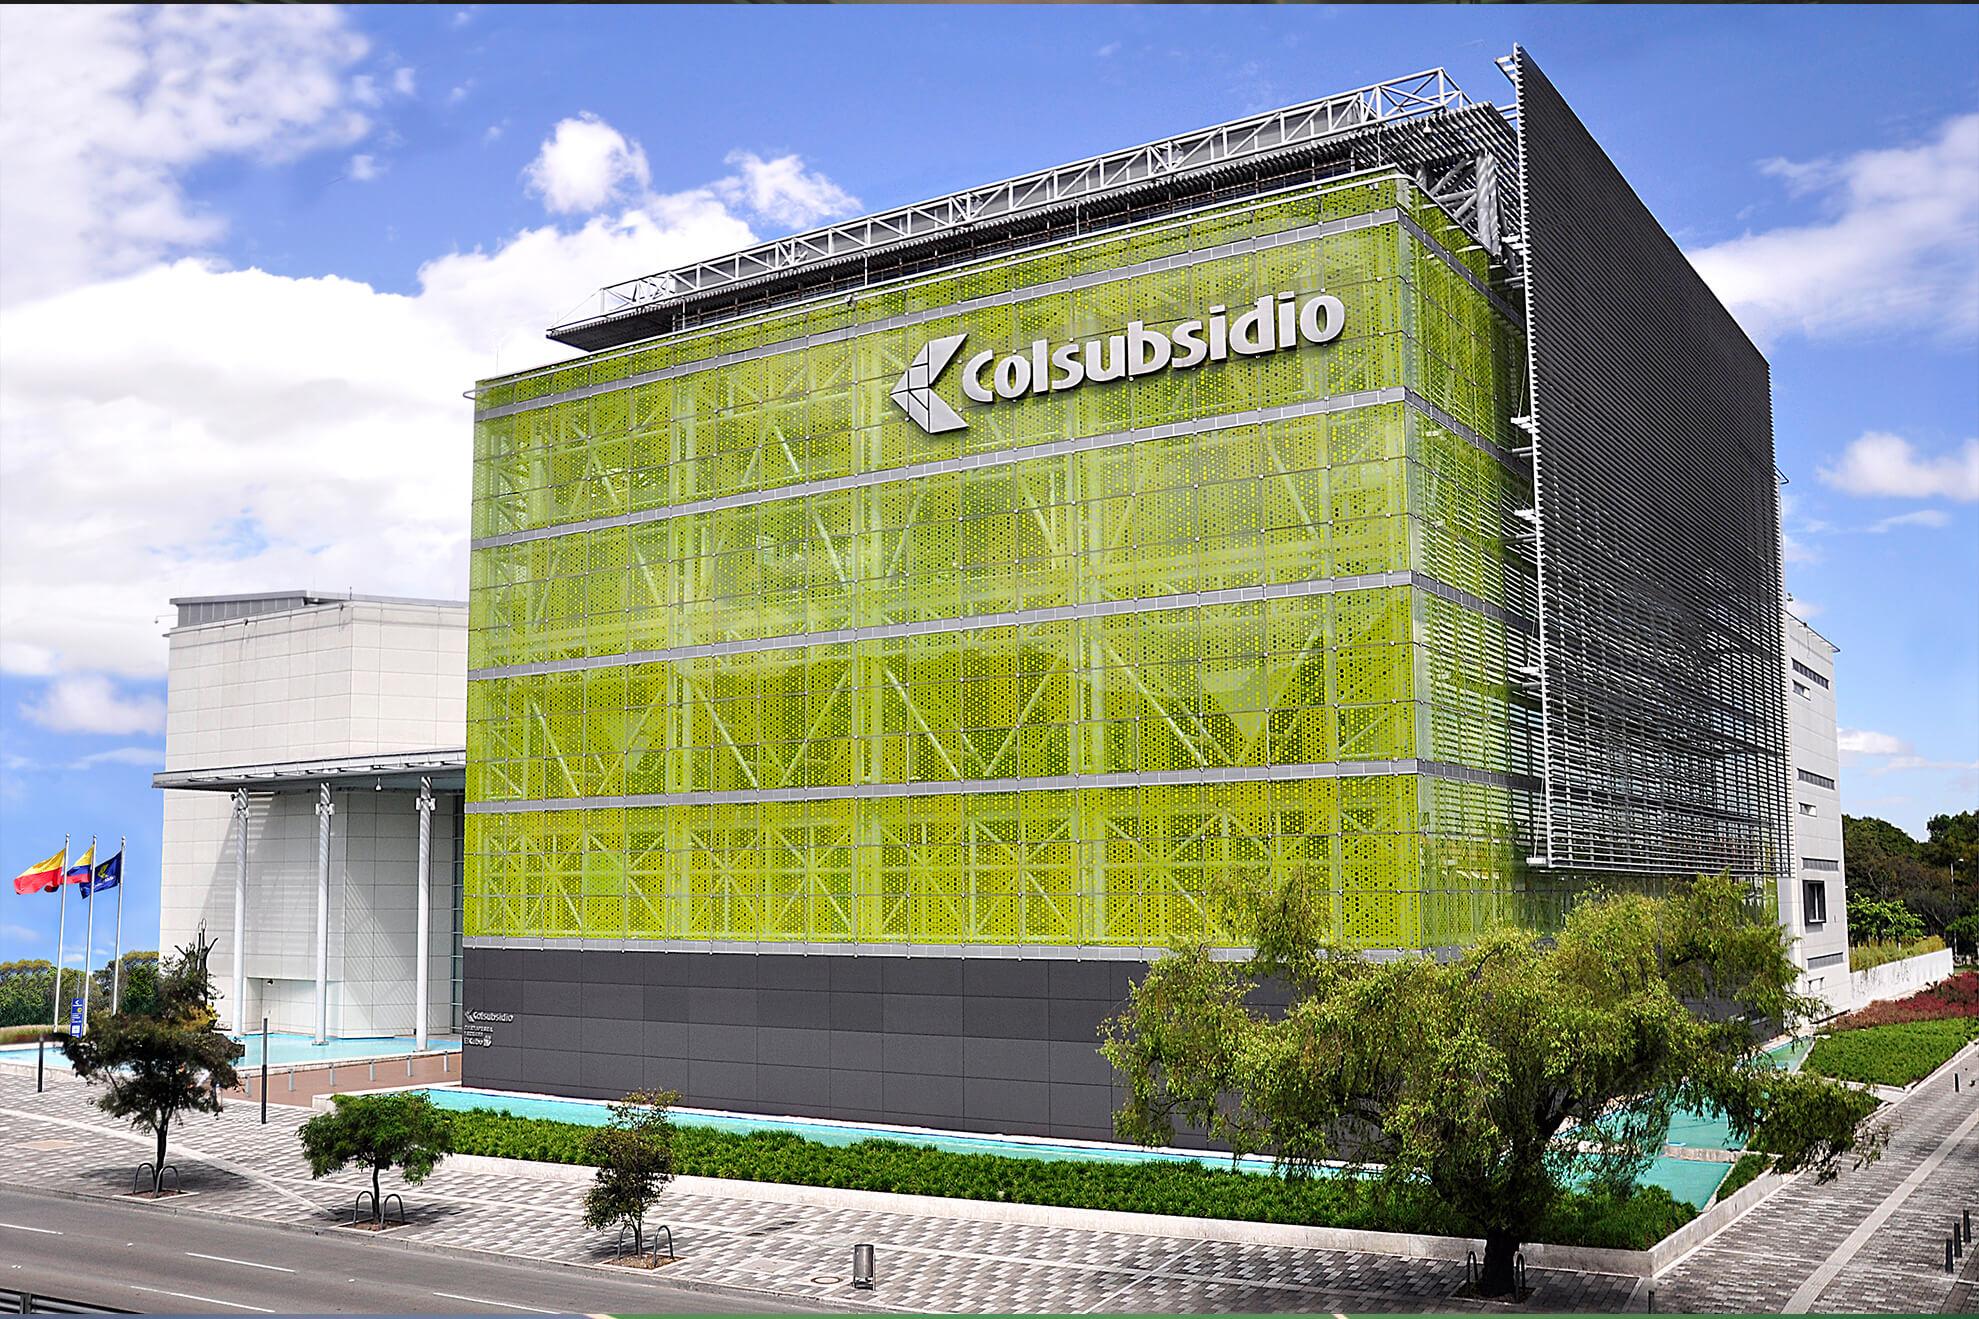 Colsubsidio_1